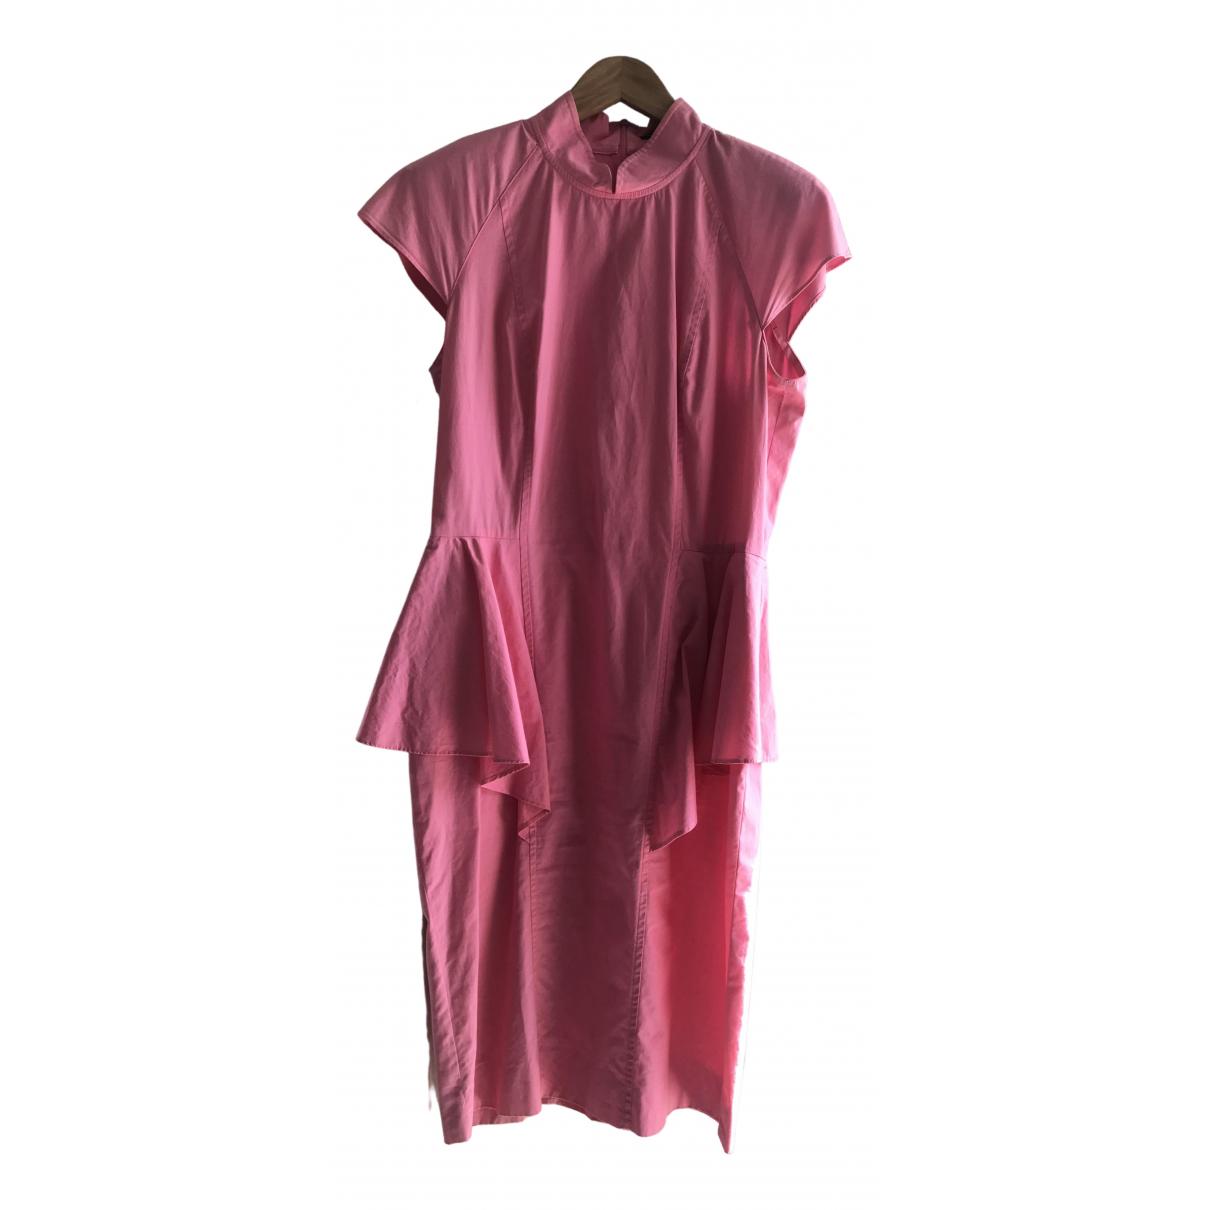 Guy Laroche \N Kleid in  Rosa Baumwolle